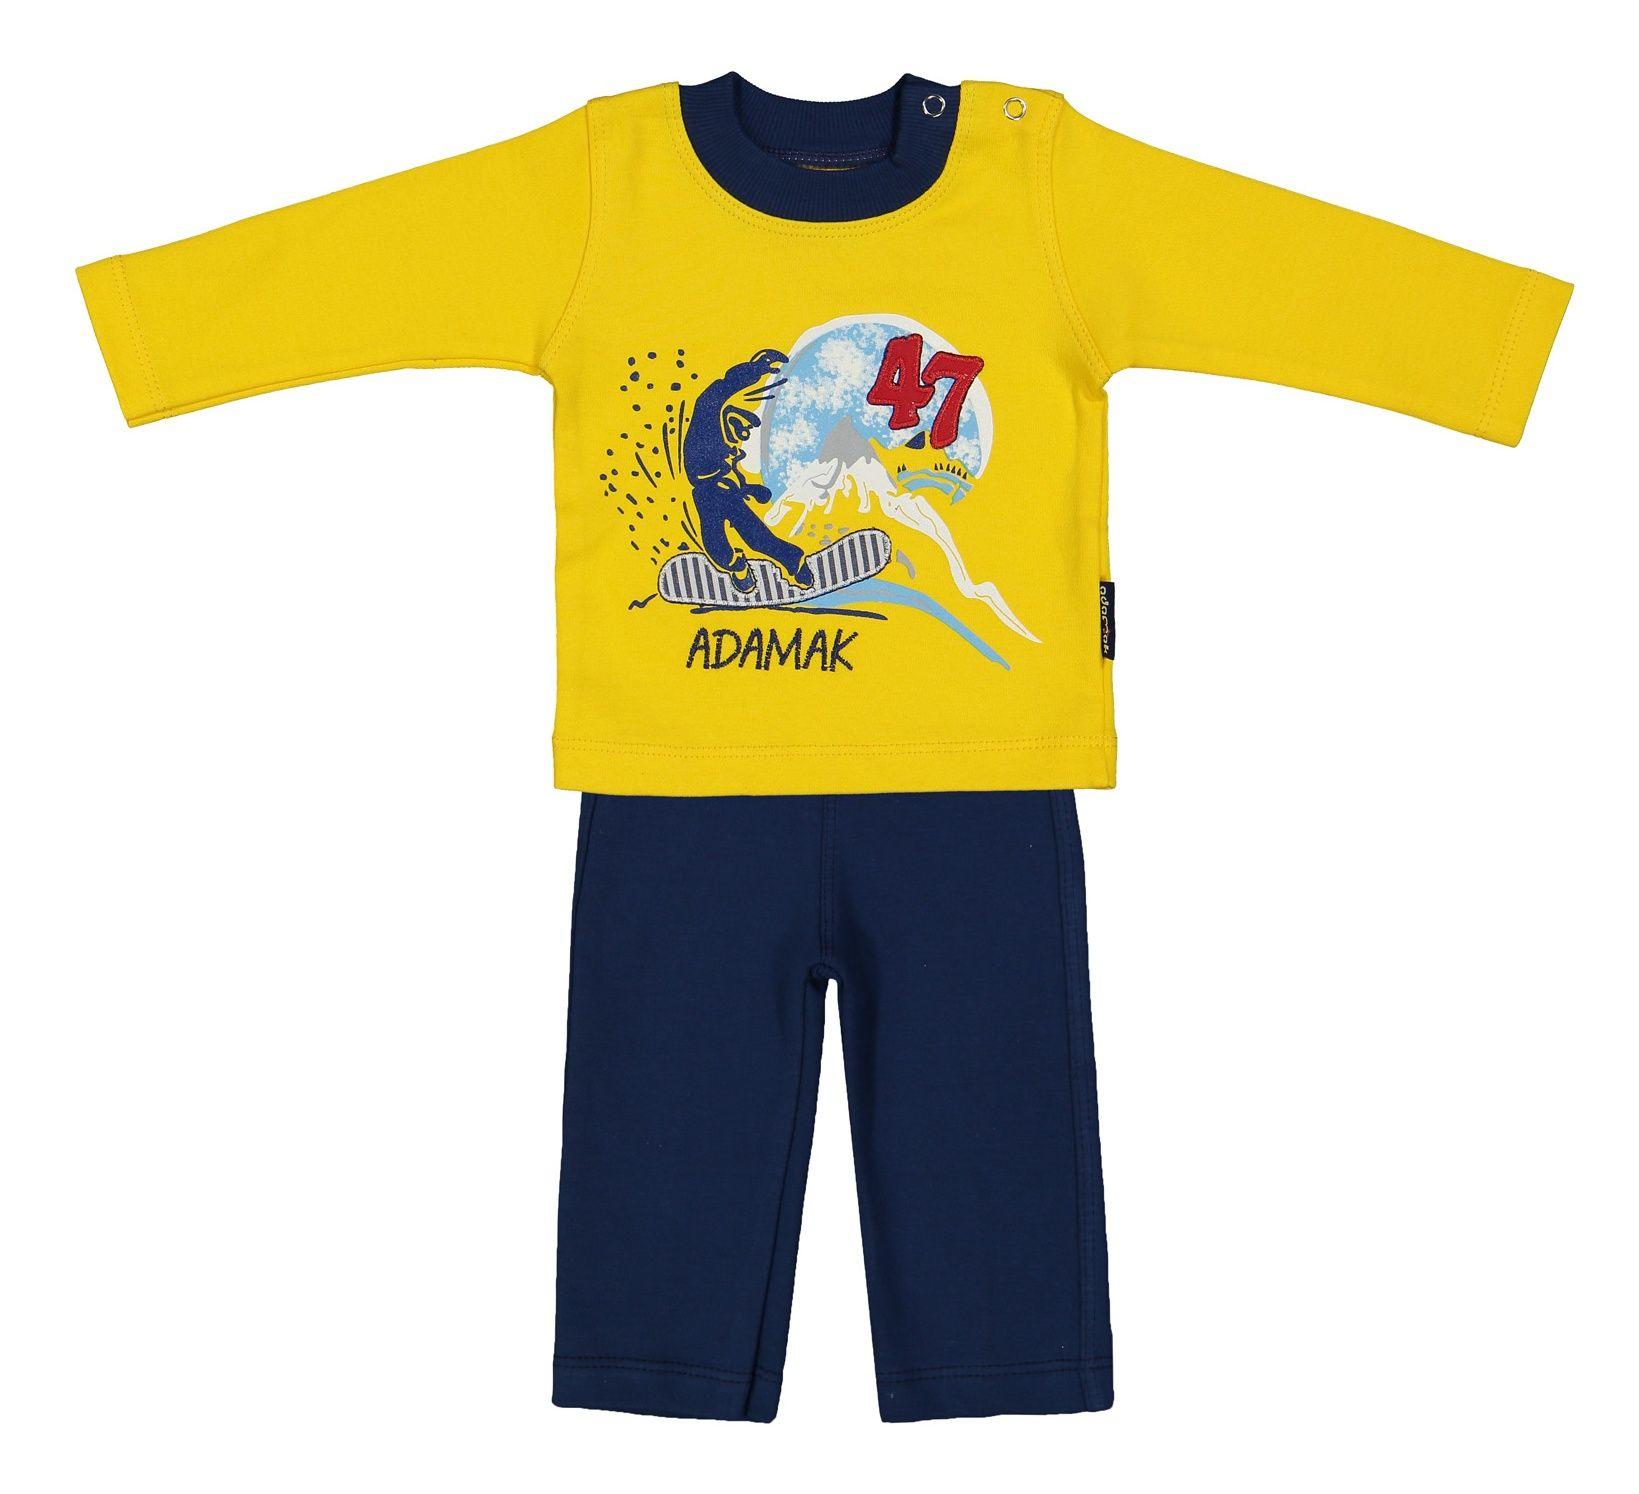 ست تی شرت و شلوار نوزادی پسرانه آدمک مدل 2171100-16